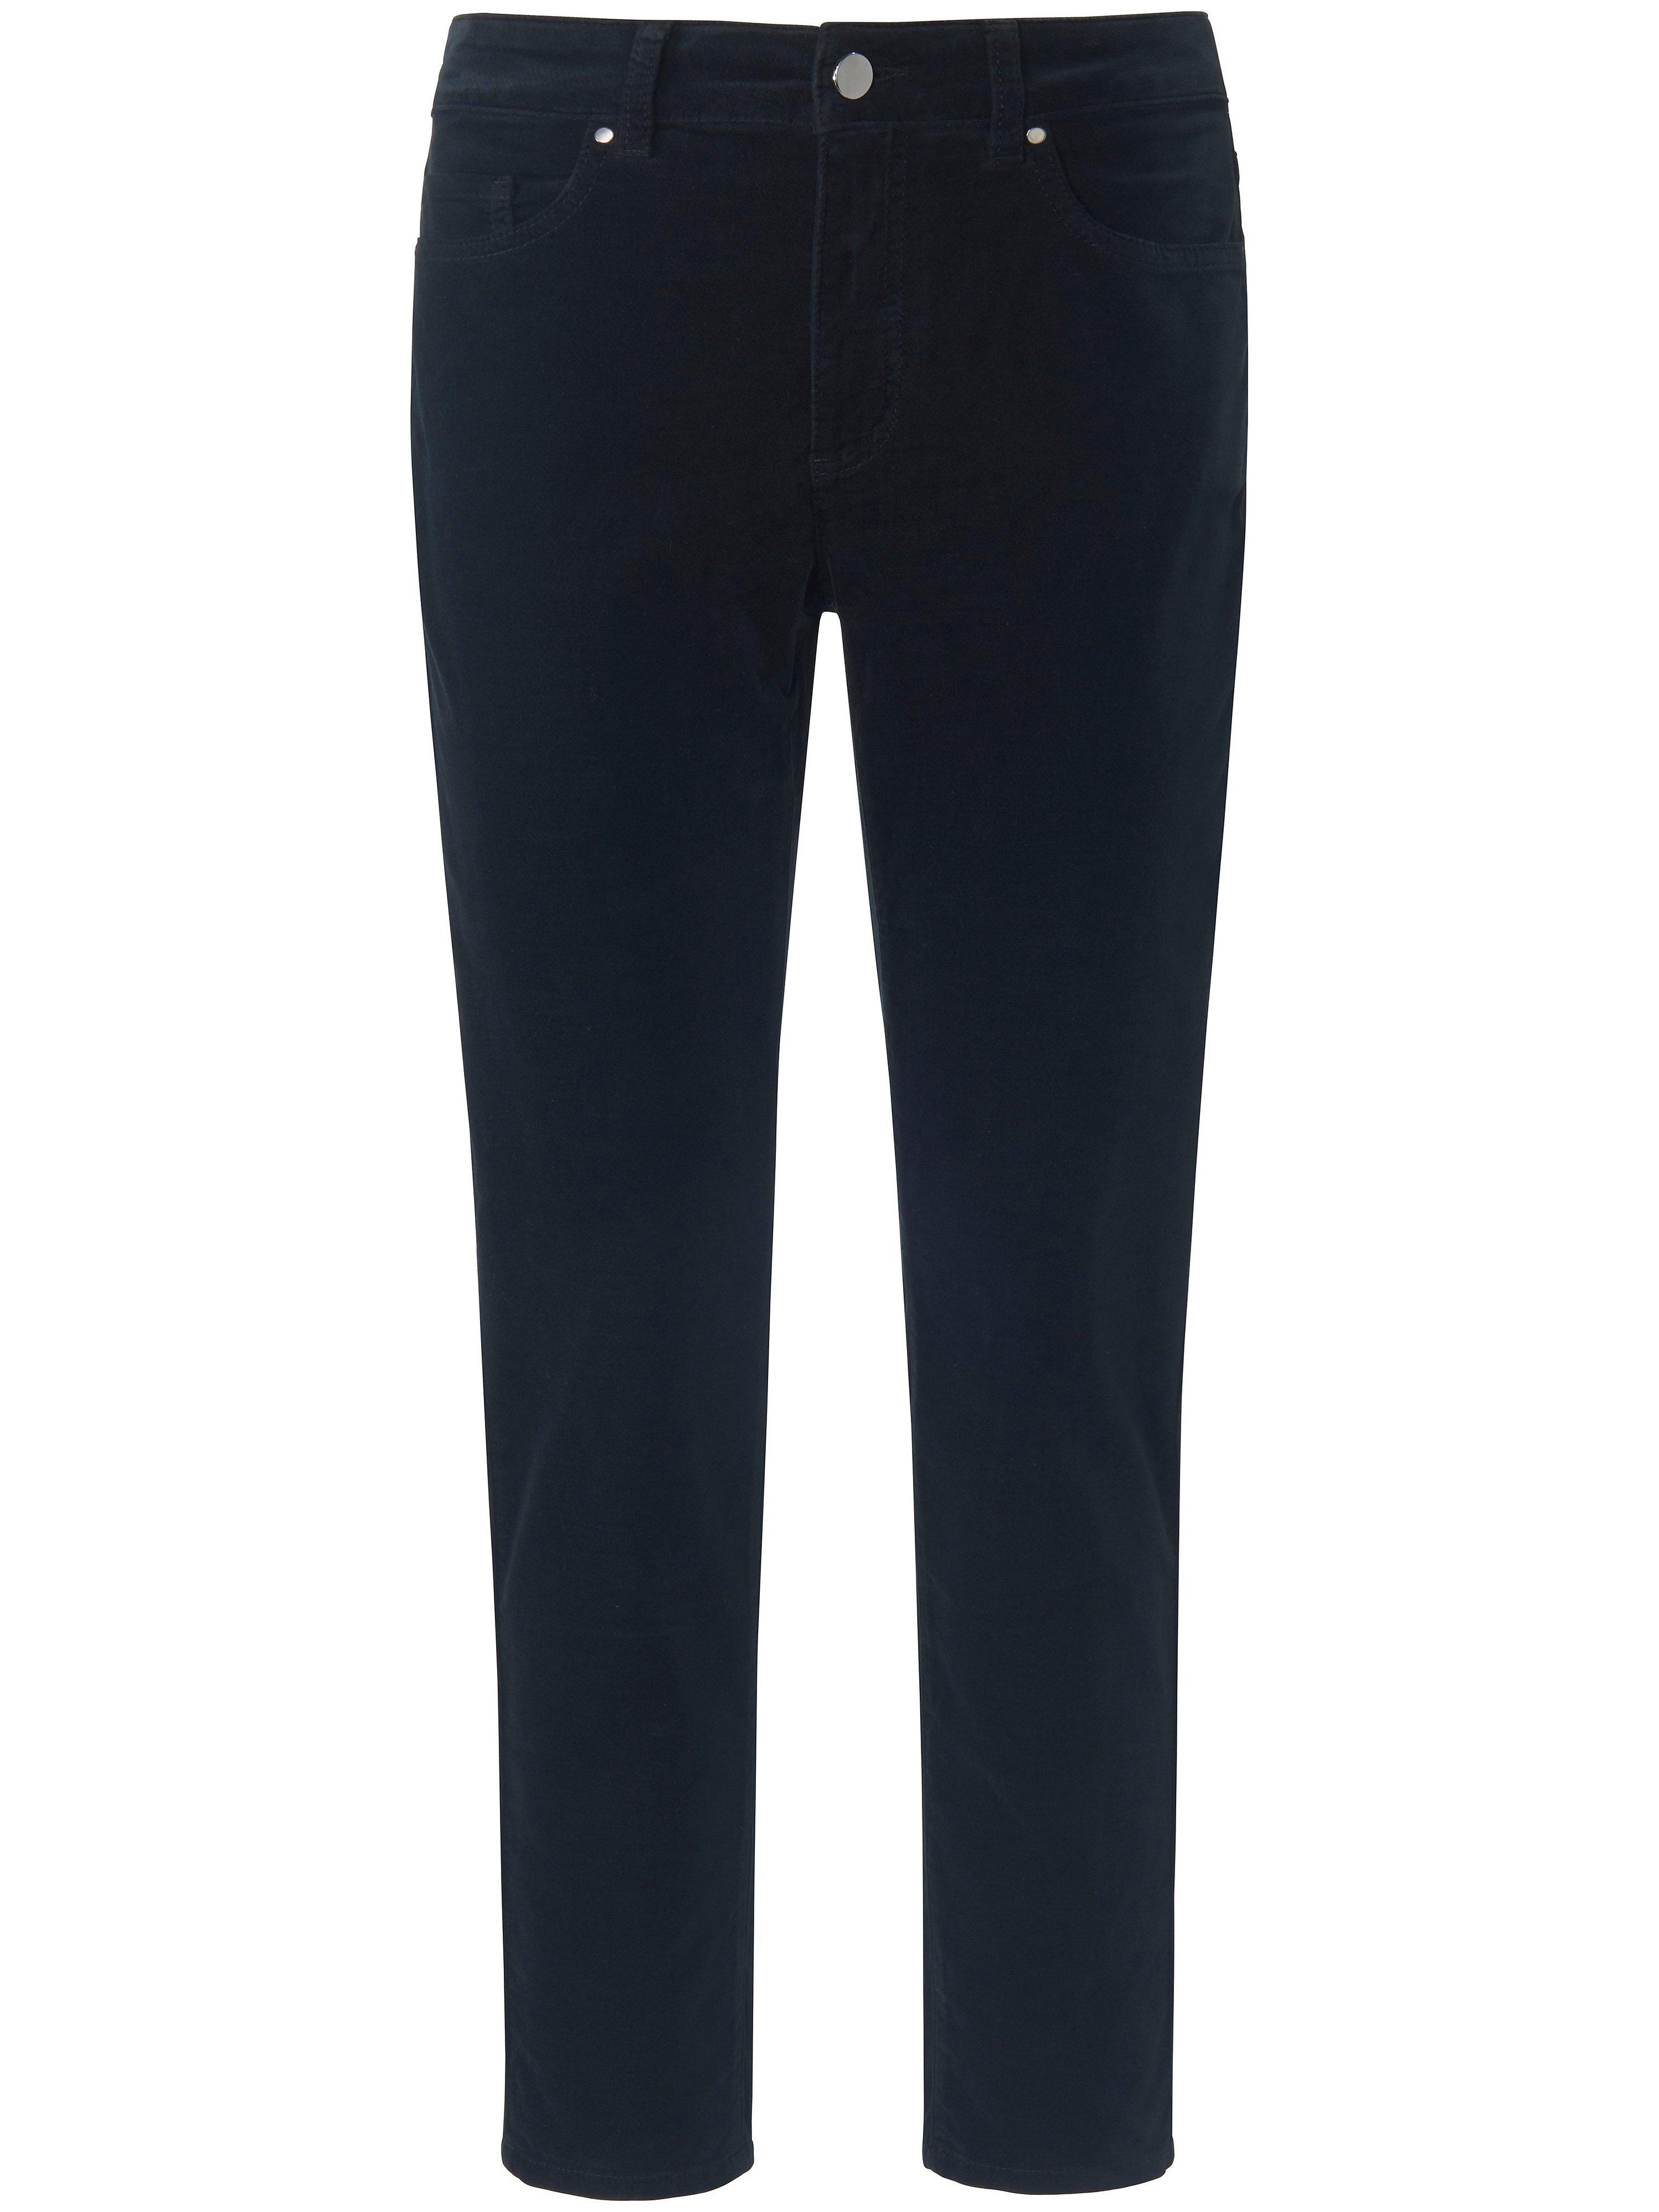 Enkellange Slim Fit-broek in smal 5-pocketsmodel Van DAY.LIKE zwart